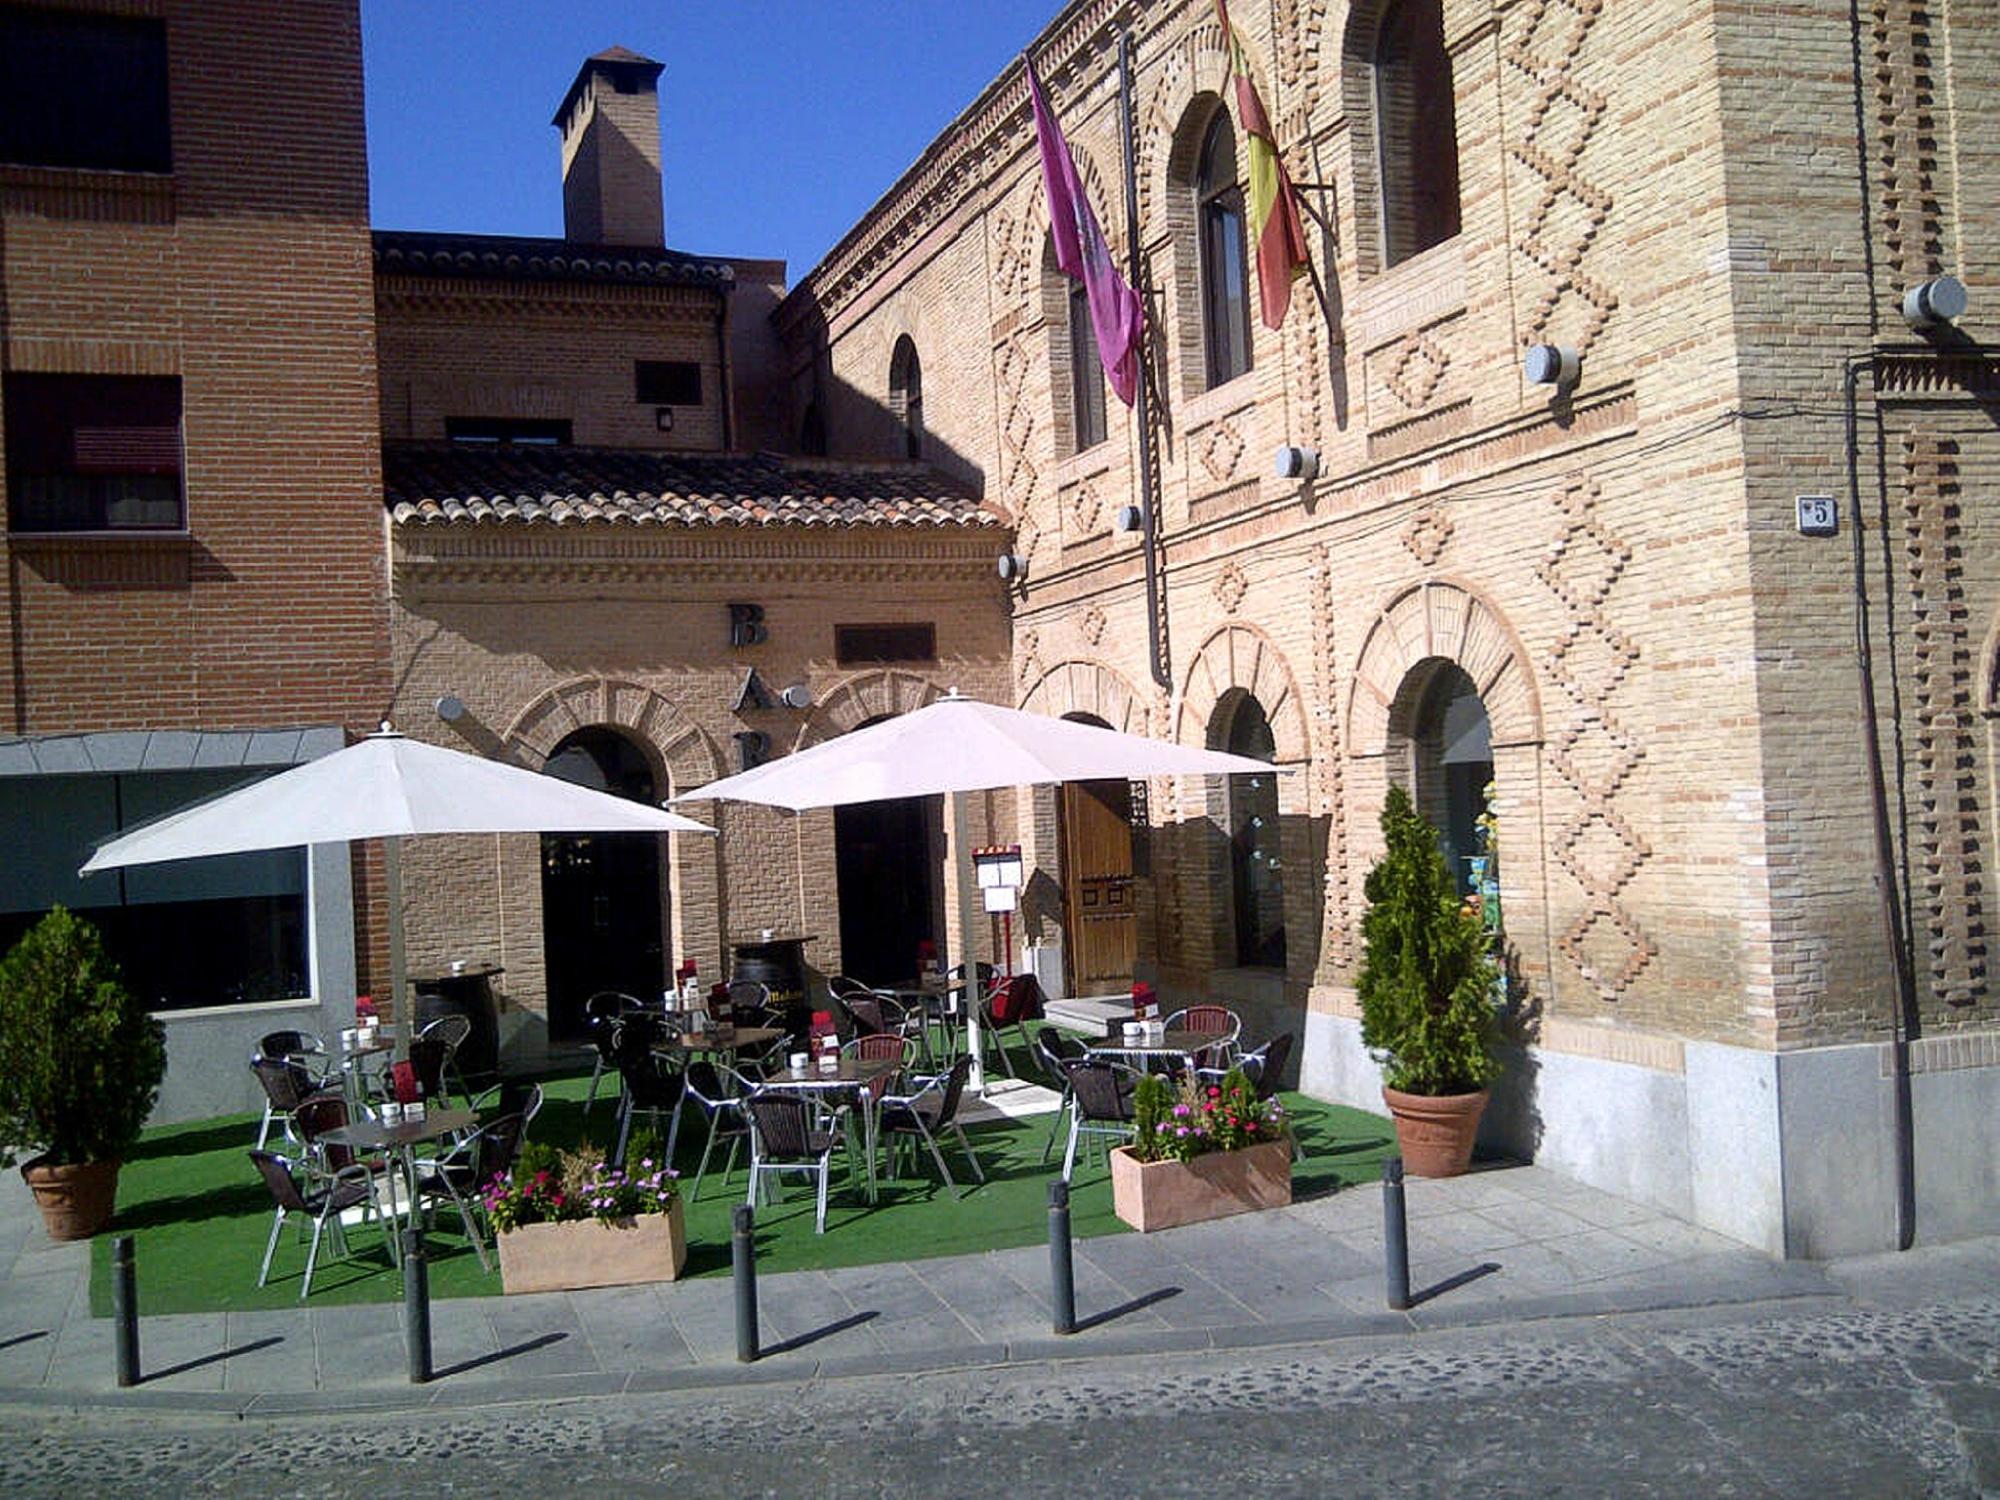 Hotel San Juan de los Reyes